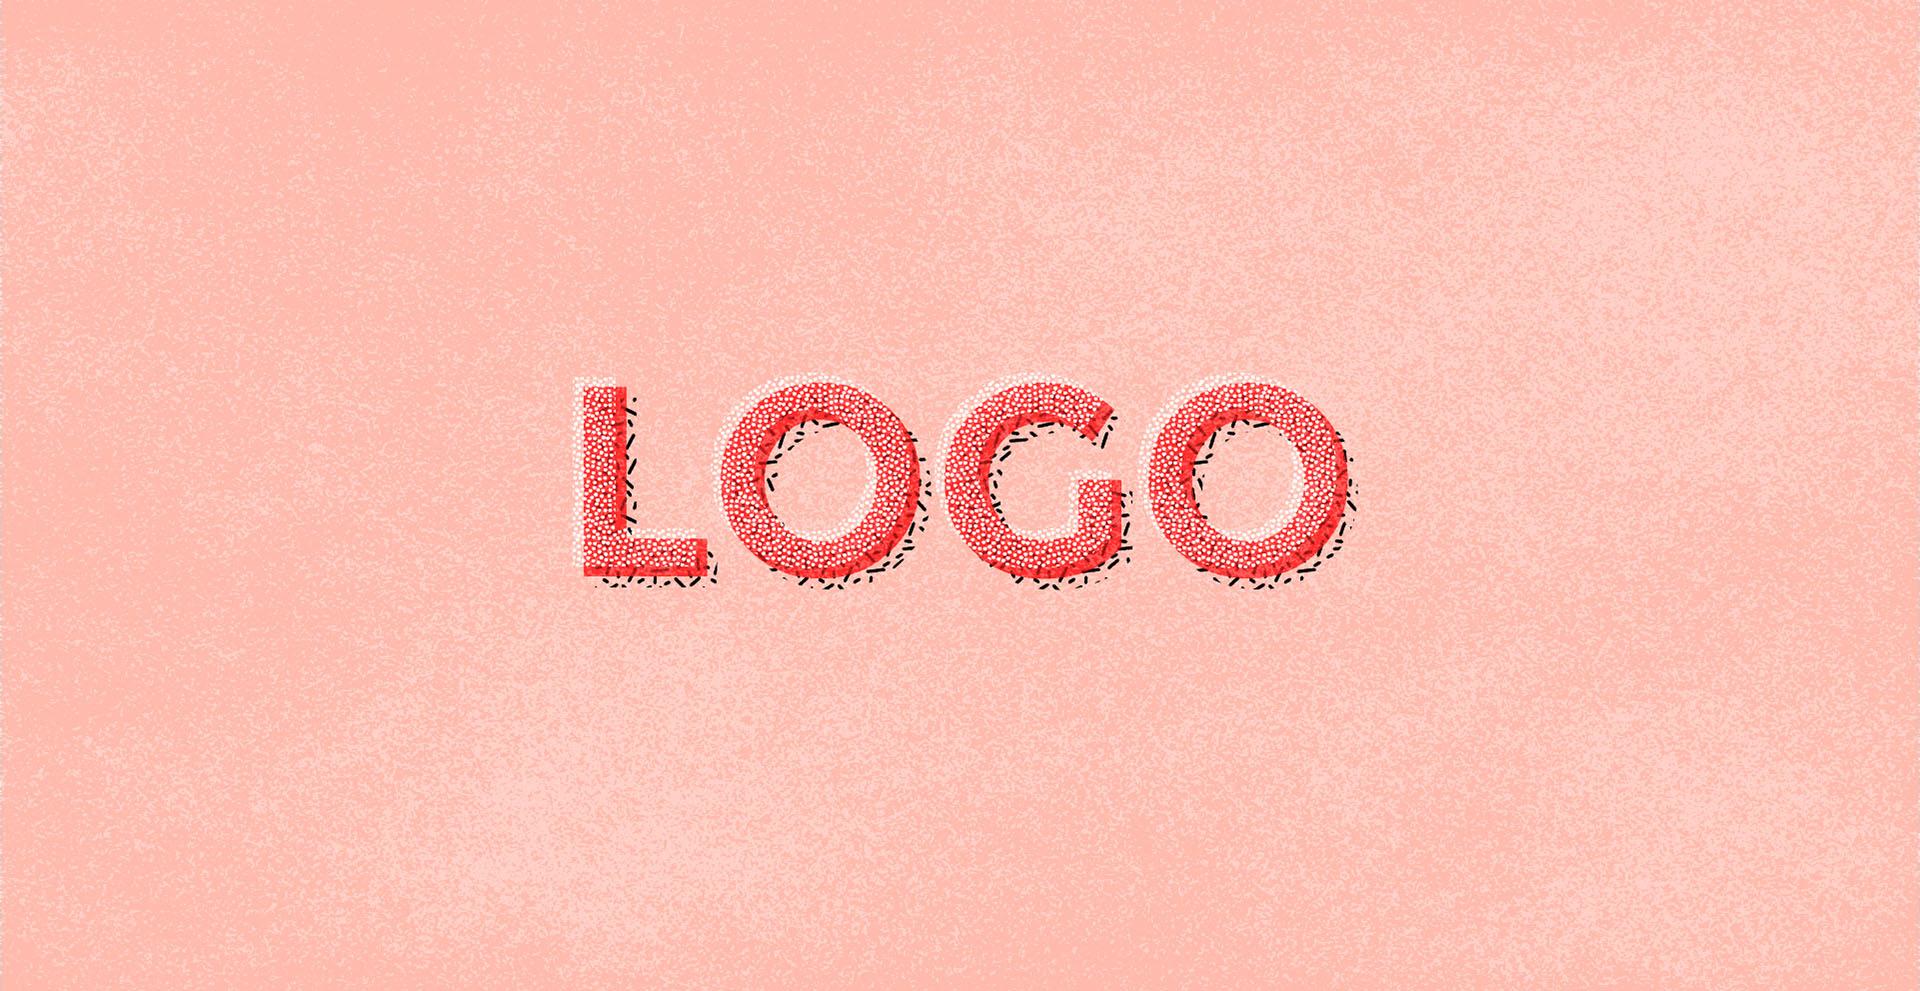 Articolo su come creare un logo se non sei un grafico, grafica, dal blog di Marianna Milione